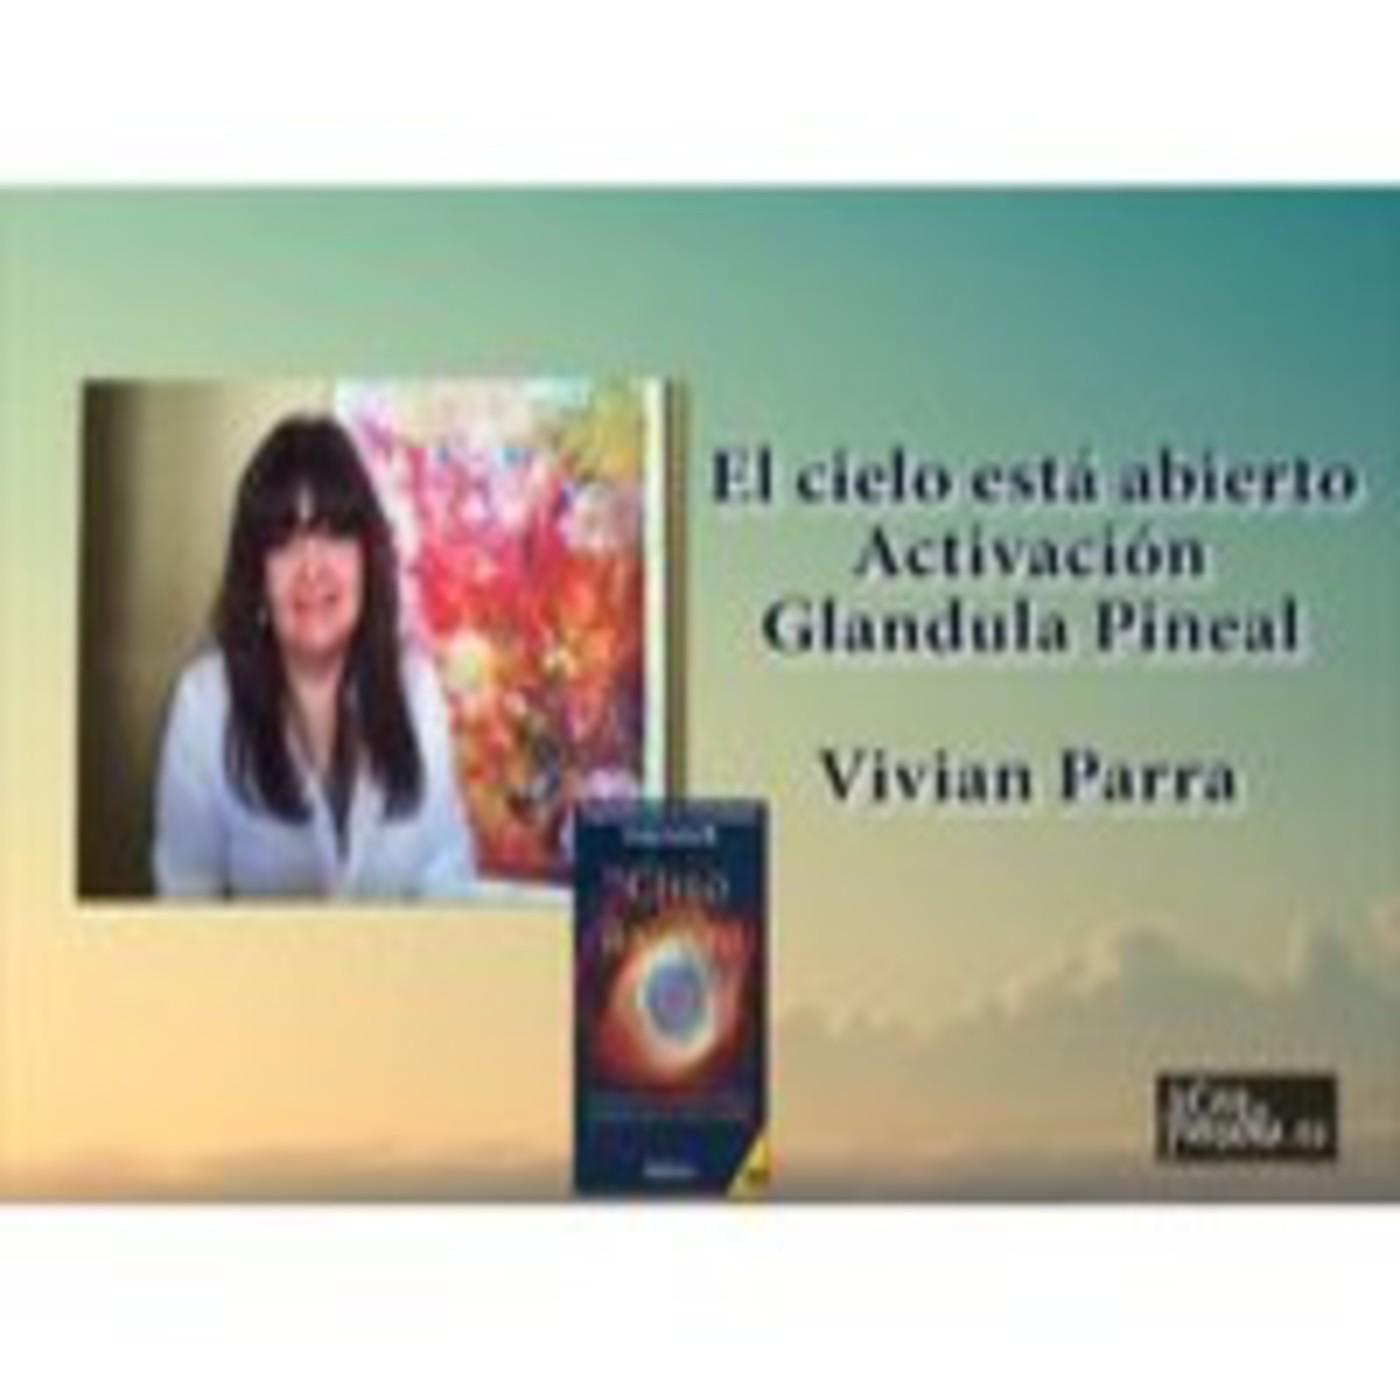 El cielo está abierto, activación de la glandula pineal - Vivian Parra